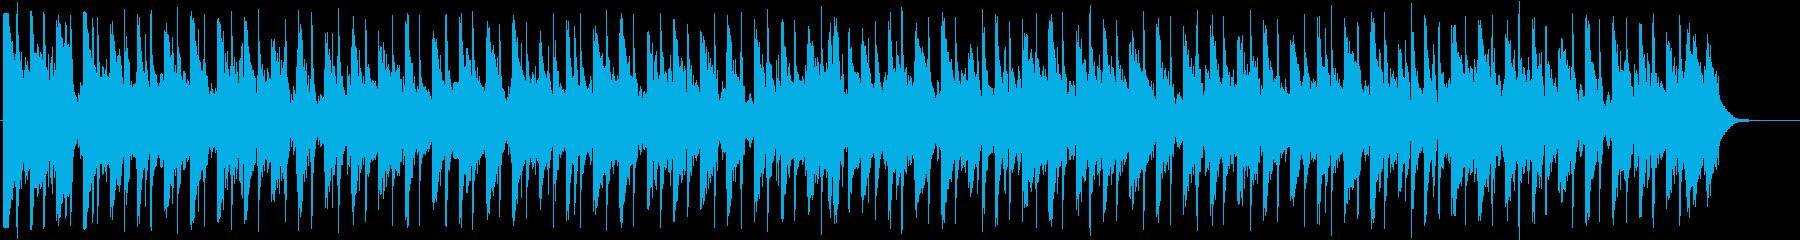 きらびやかなファンクディスコ_612_5の再生済みの波形